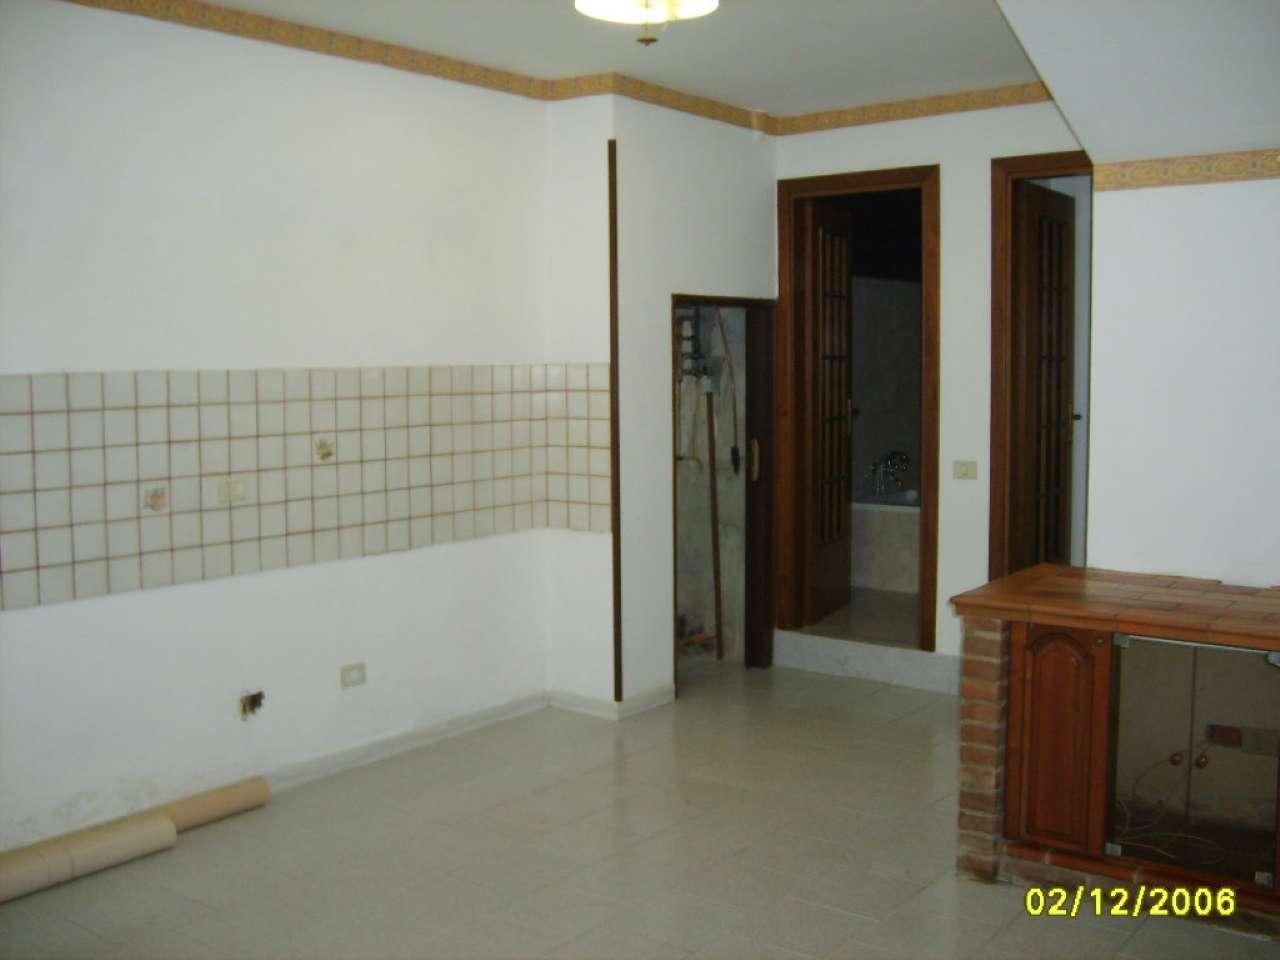 Soluzione Indipendente in affitto a Dosolo, 4 locali, prezzo € 500 | Cambio Casa.it